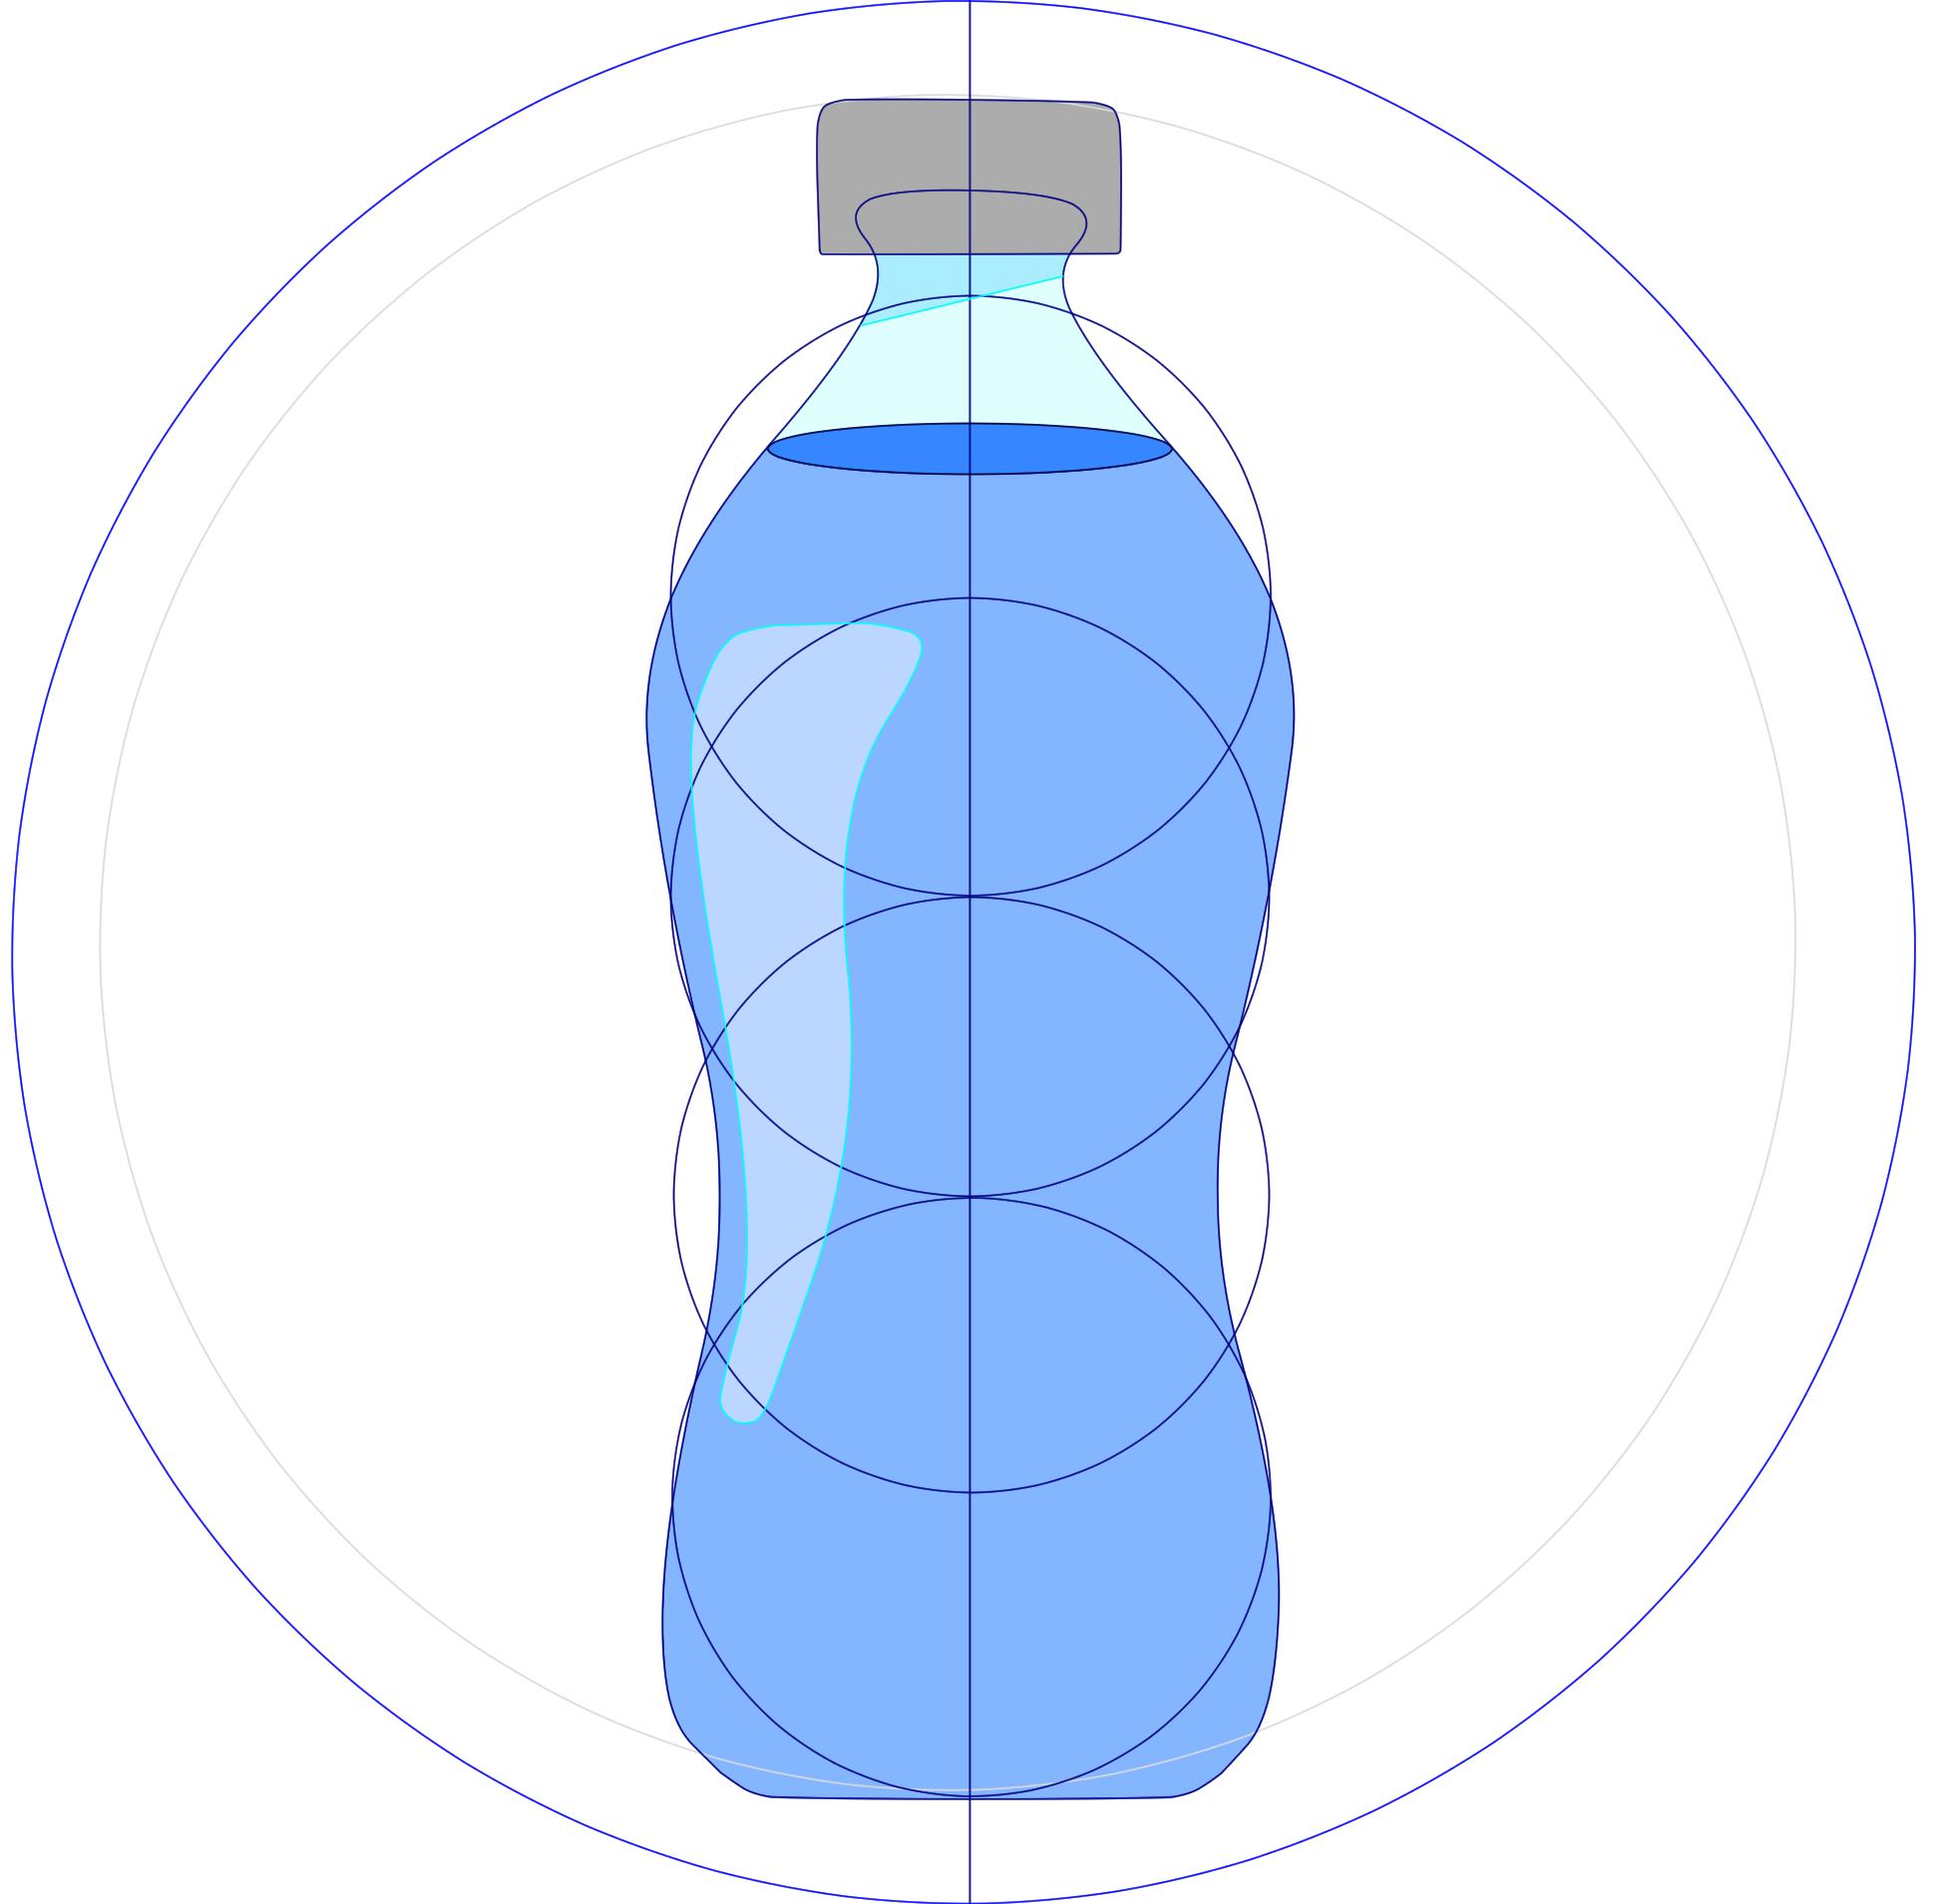 node_modules/@latinfor/distilled/icons/distilled-details.jpg